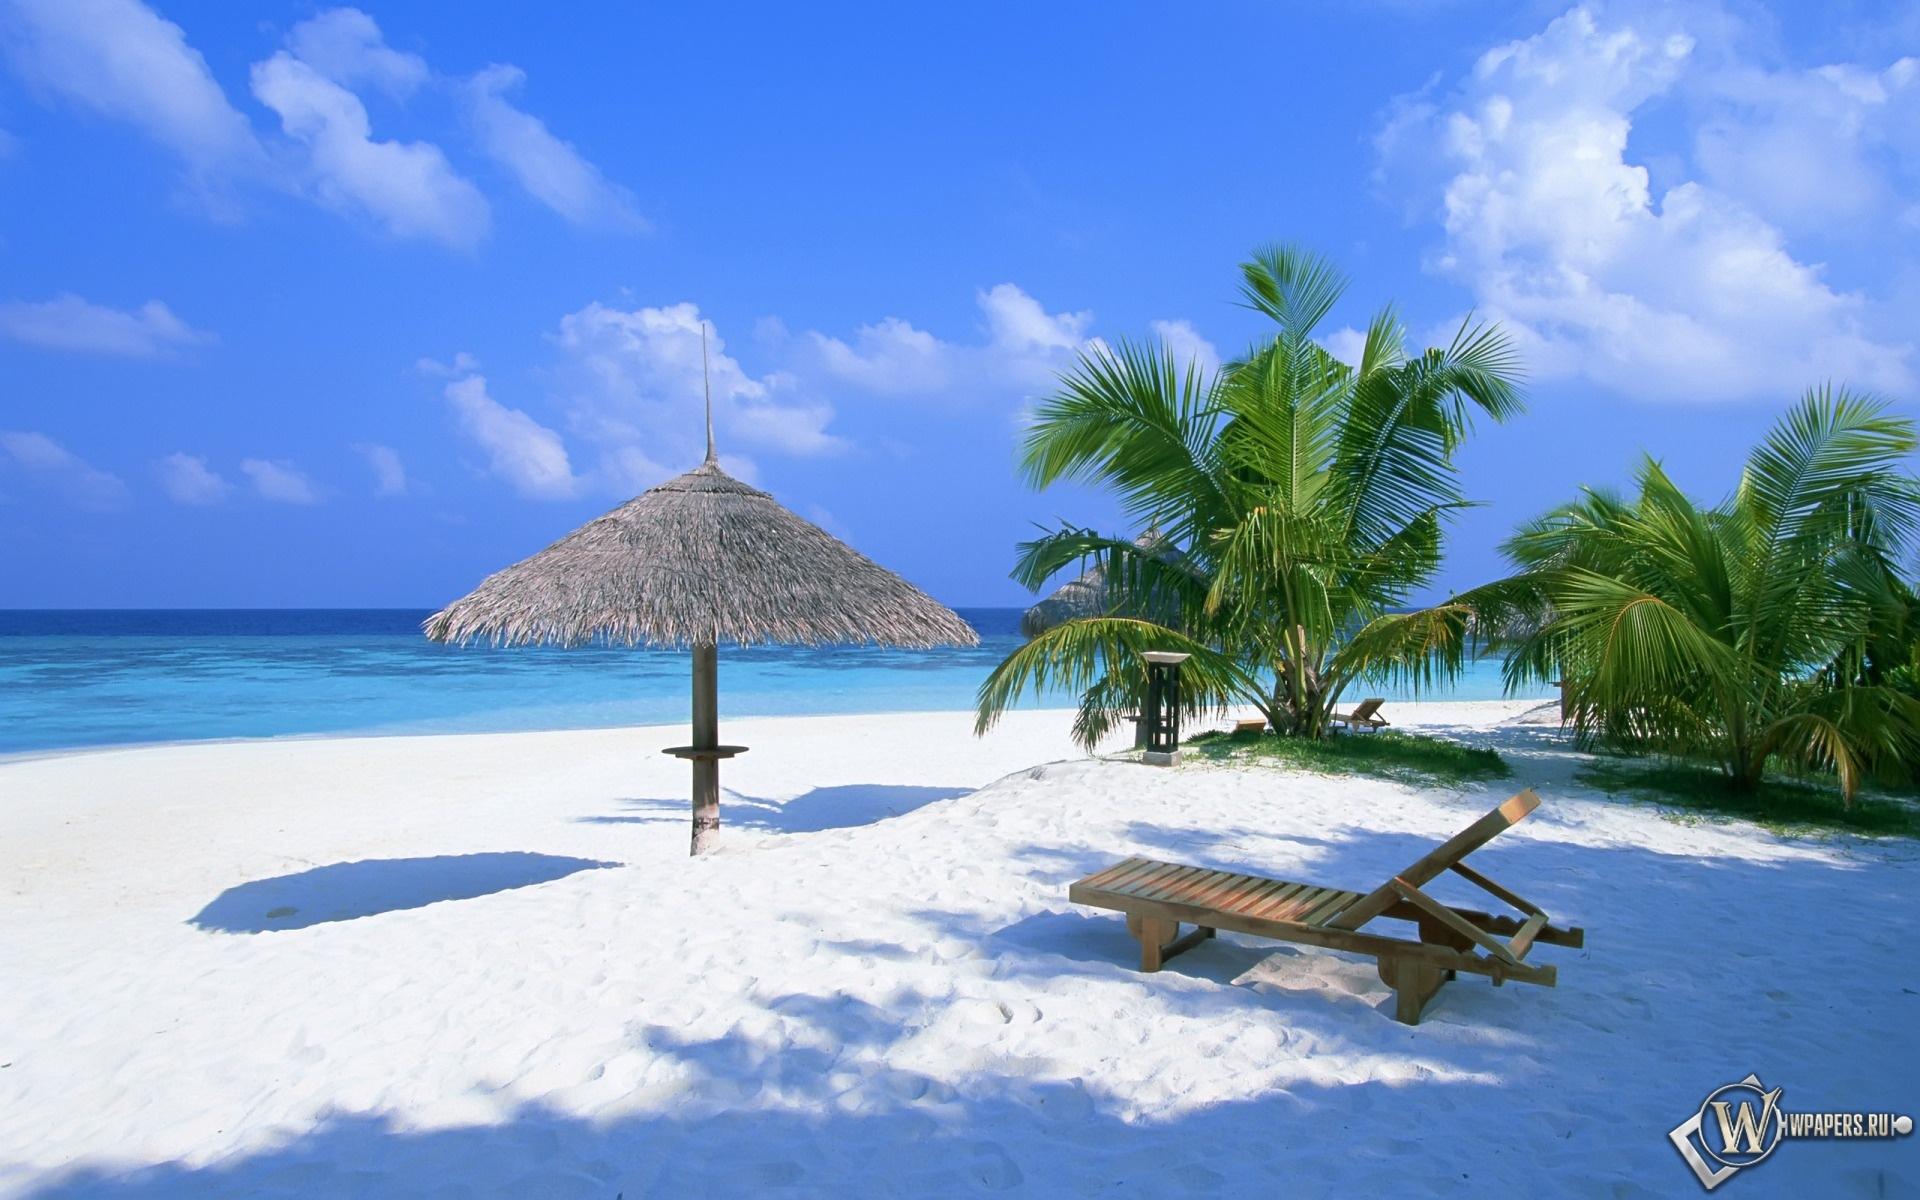 скачать бесплатно обои на рабочий стол 1600х900 экзотический рай #0